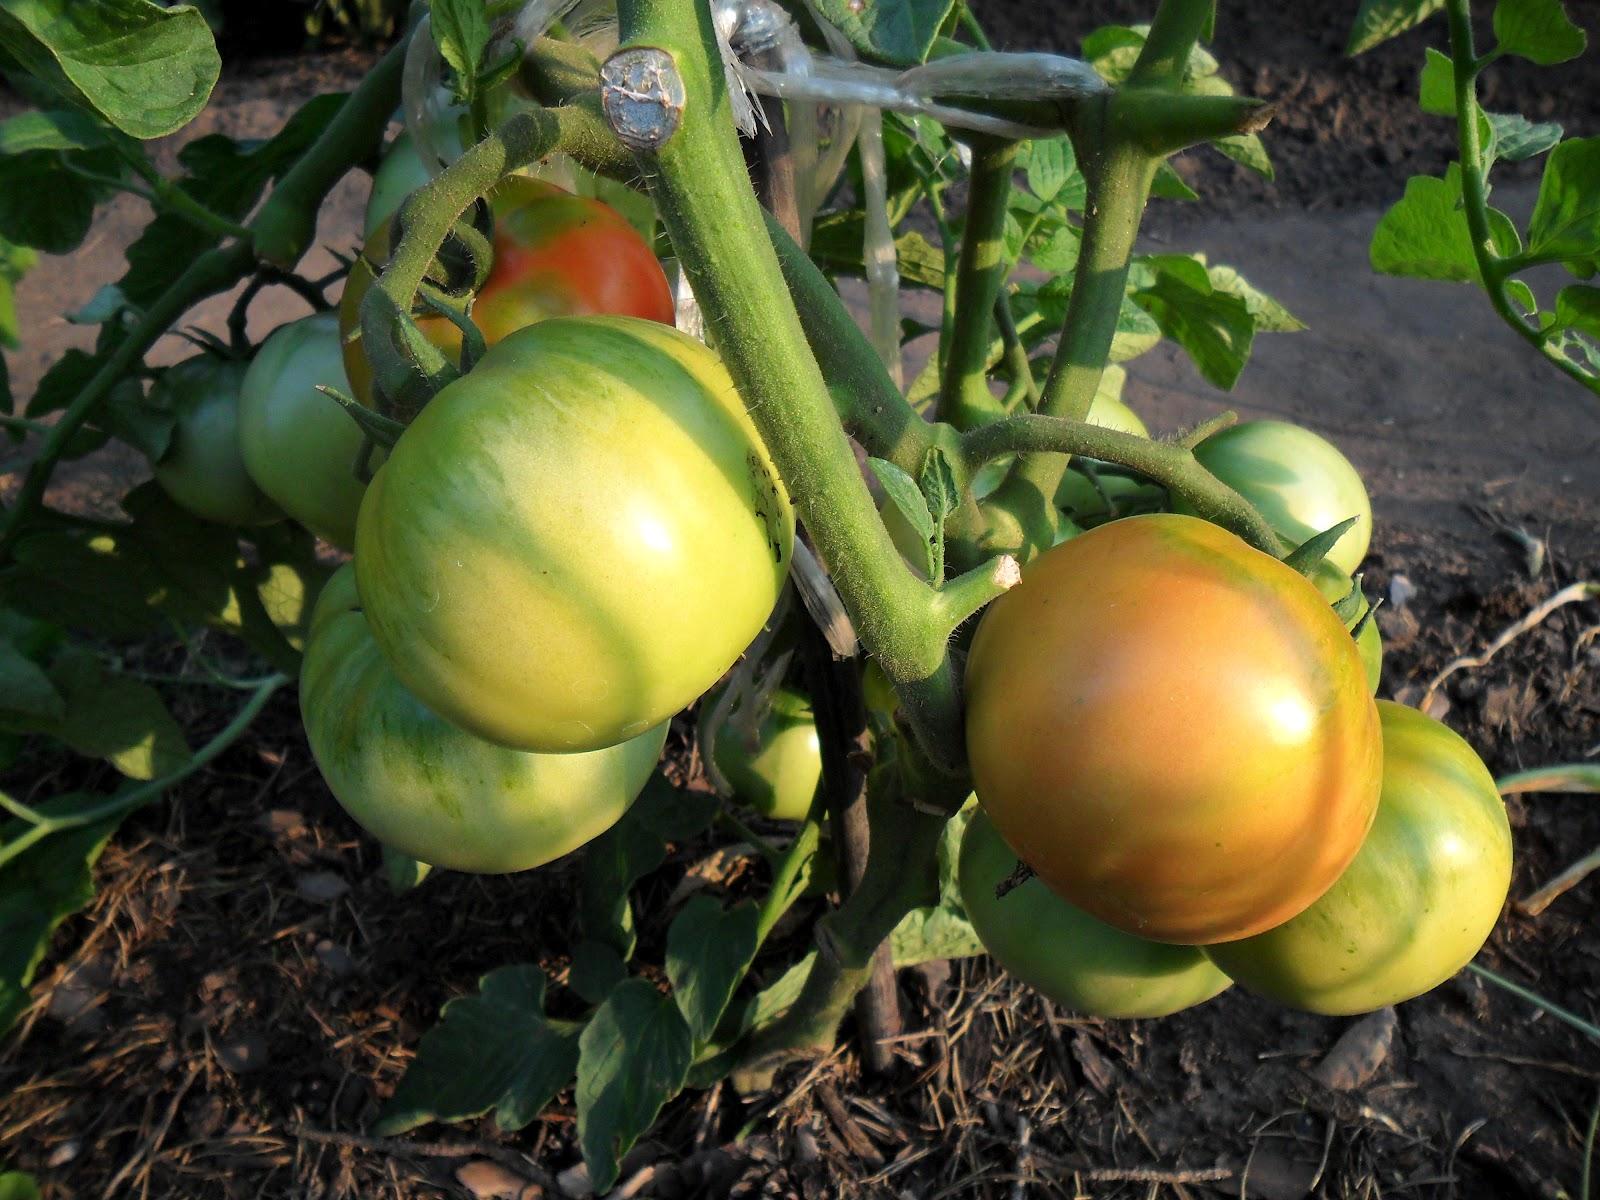 Фото по самые помидоры 18 фотография